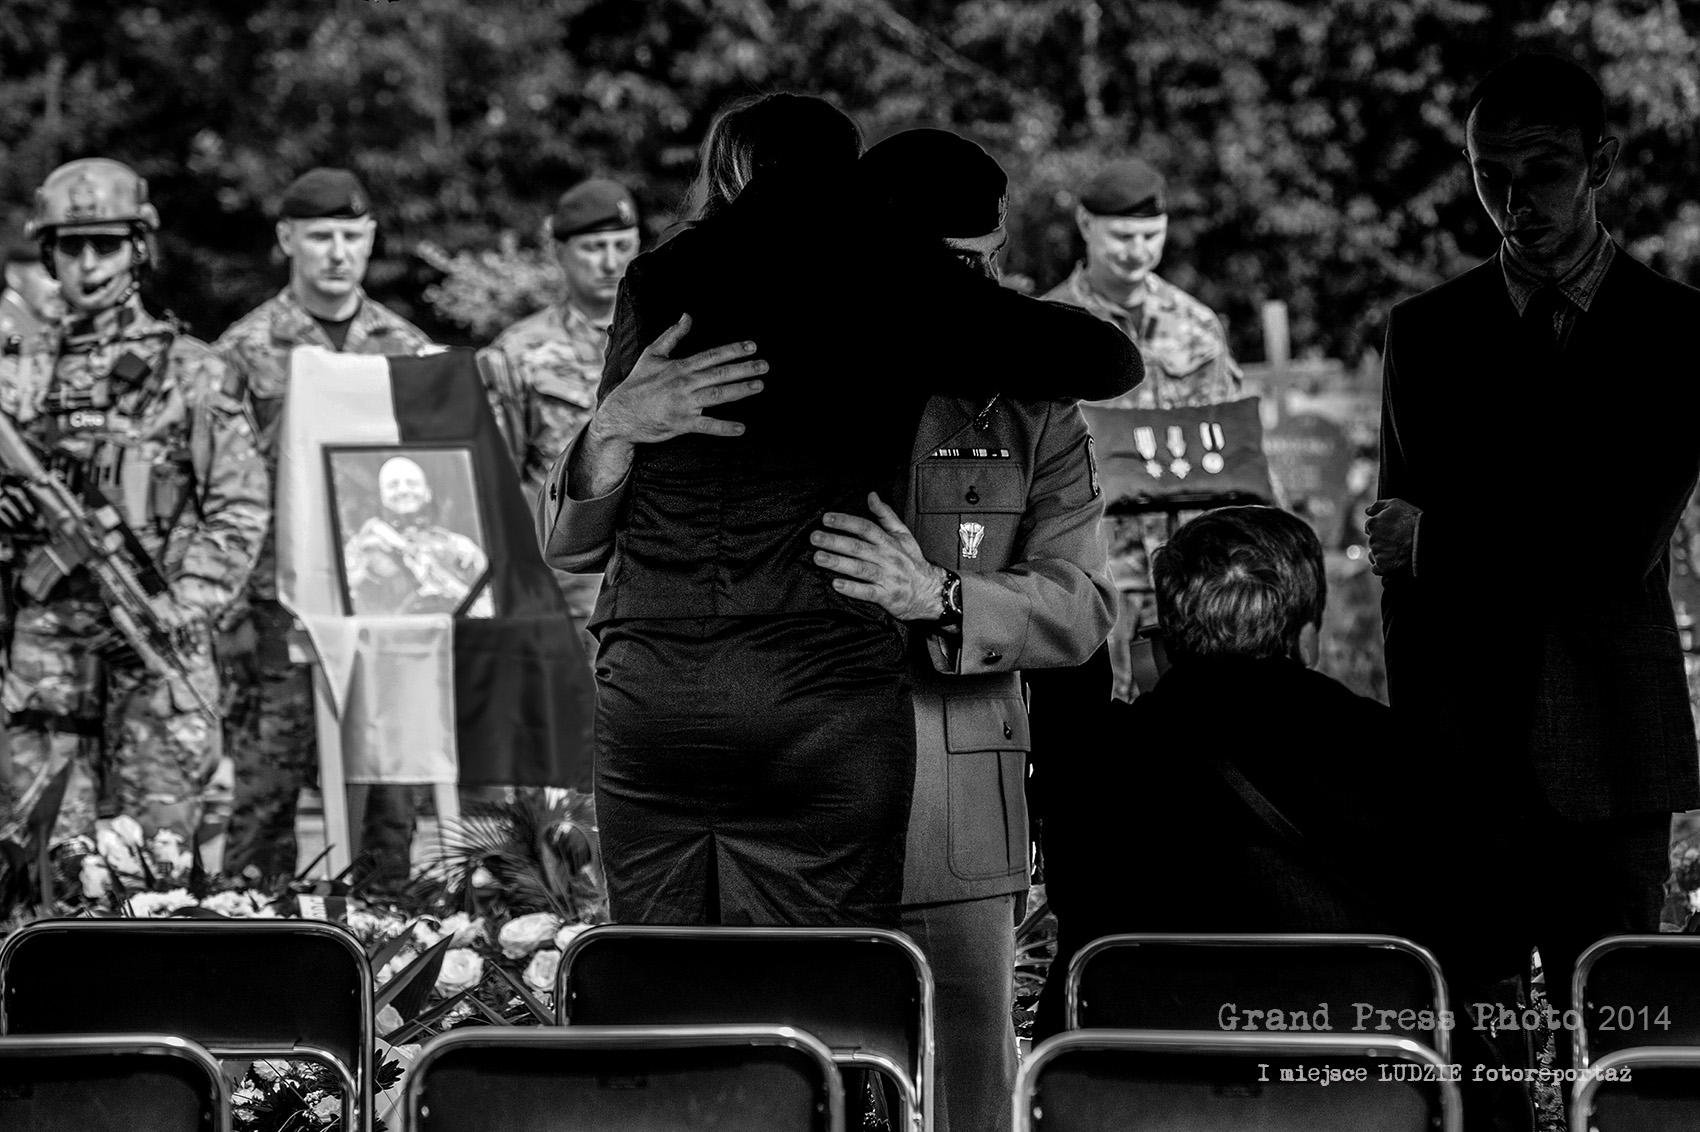 Nagroda Grand Press Photo 2014 – I miejsce kat. Ludzie (fotoreportaż)